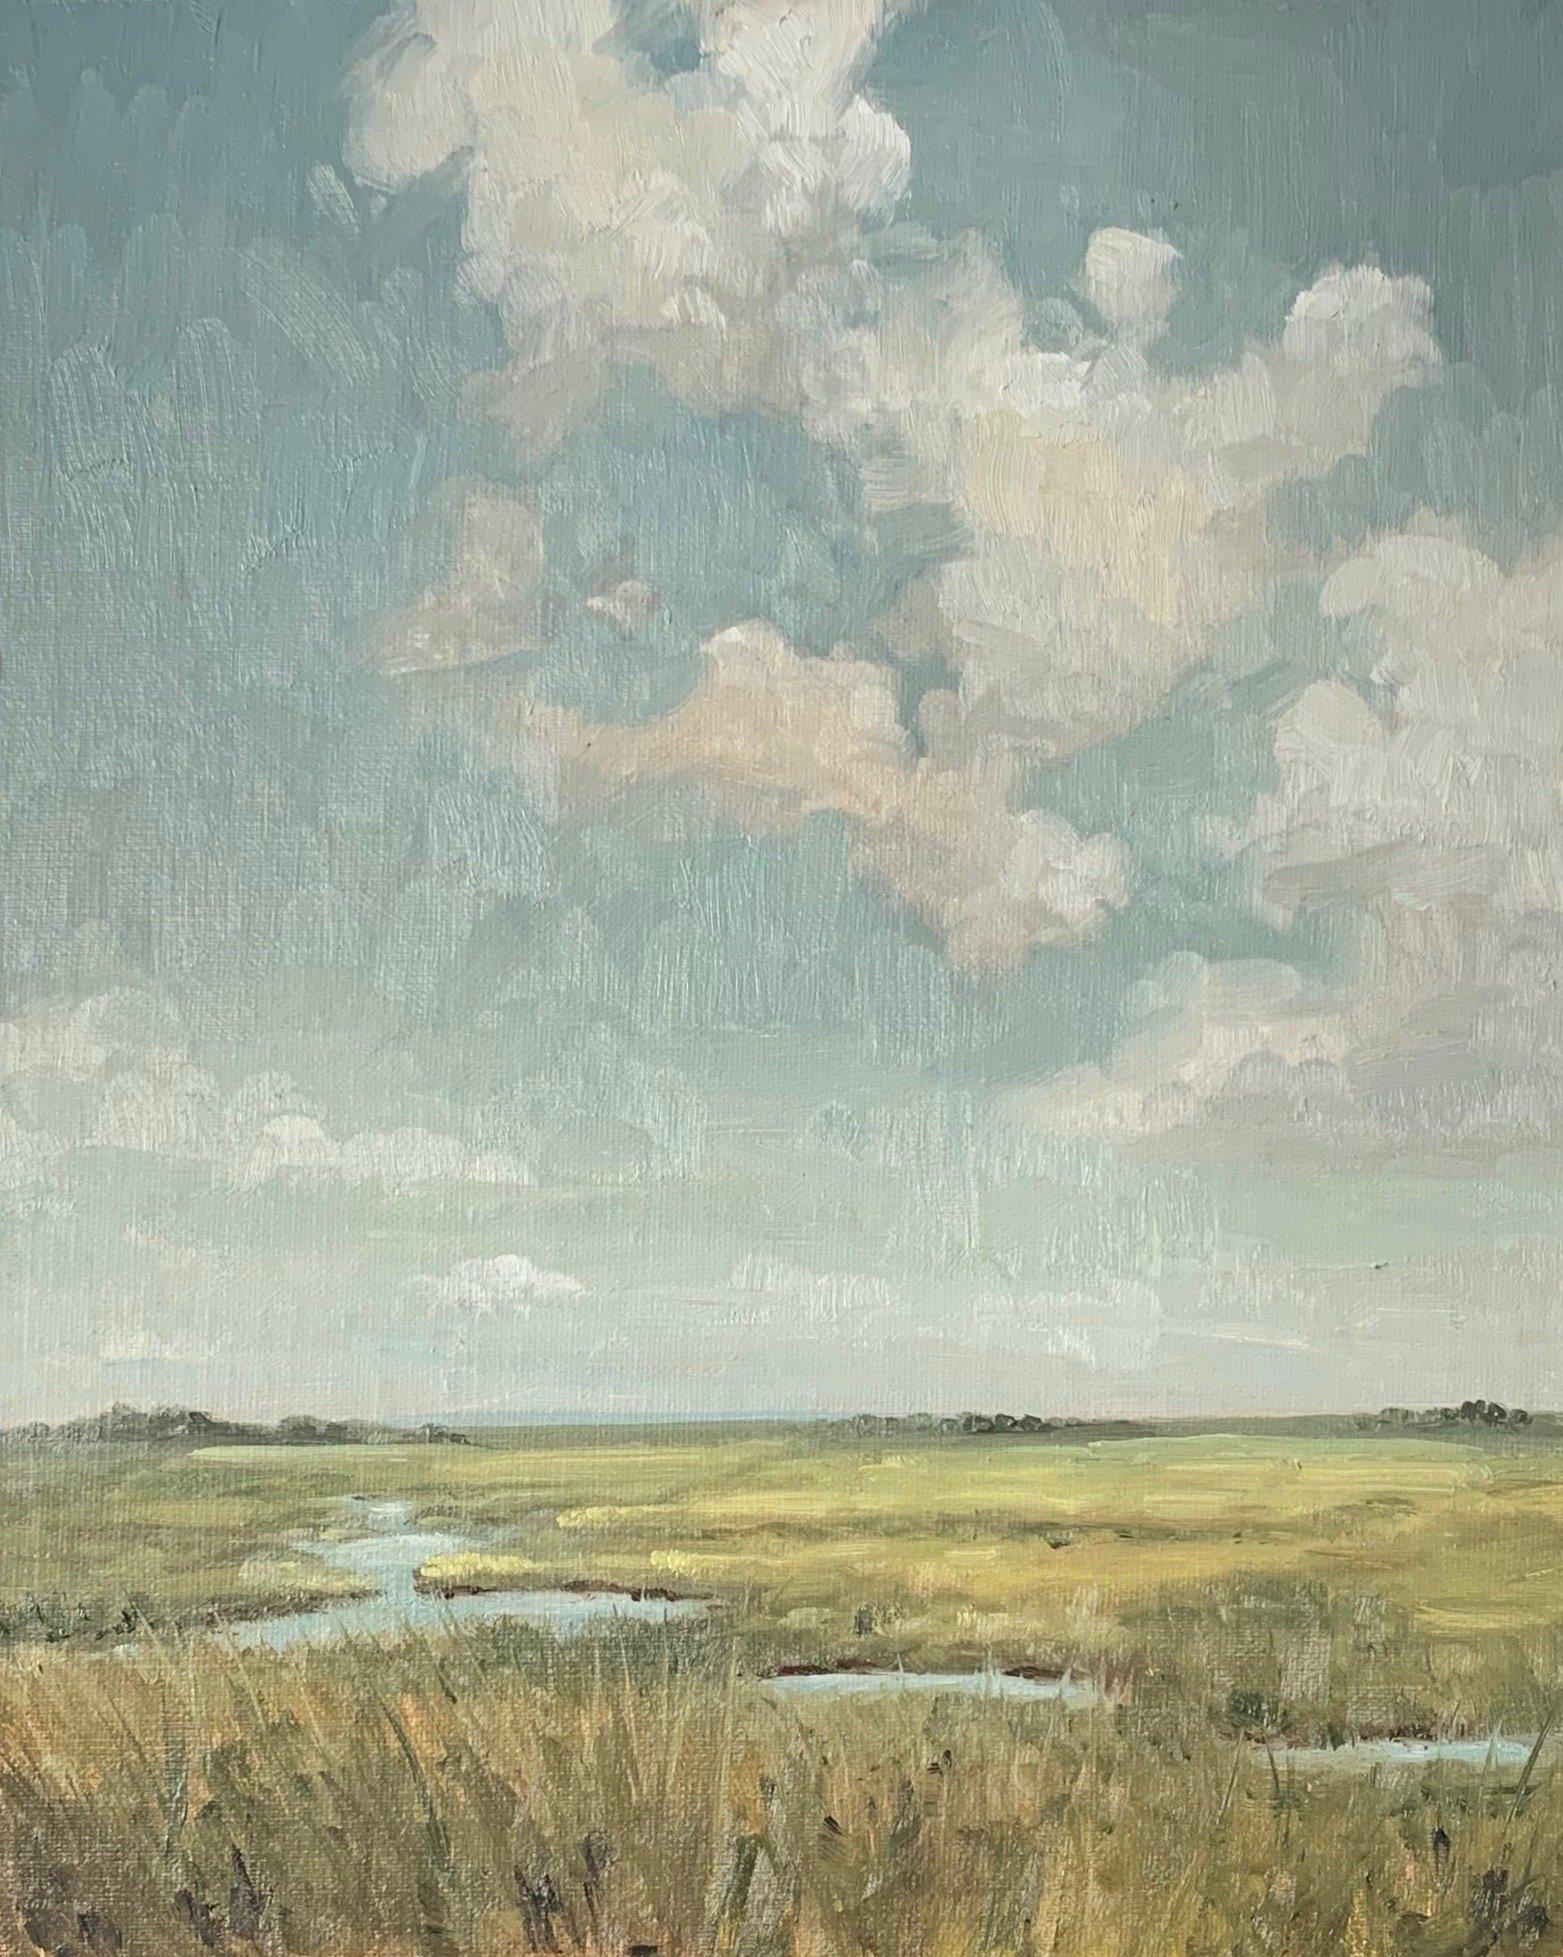 impressionist landscape | marsh painting | miss mustard seed